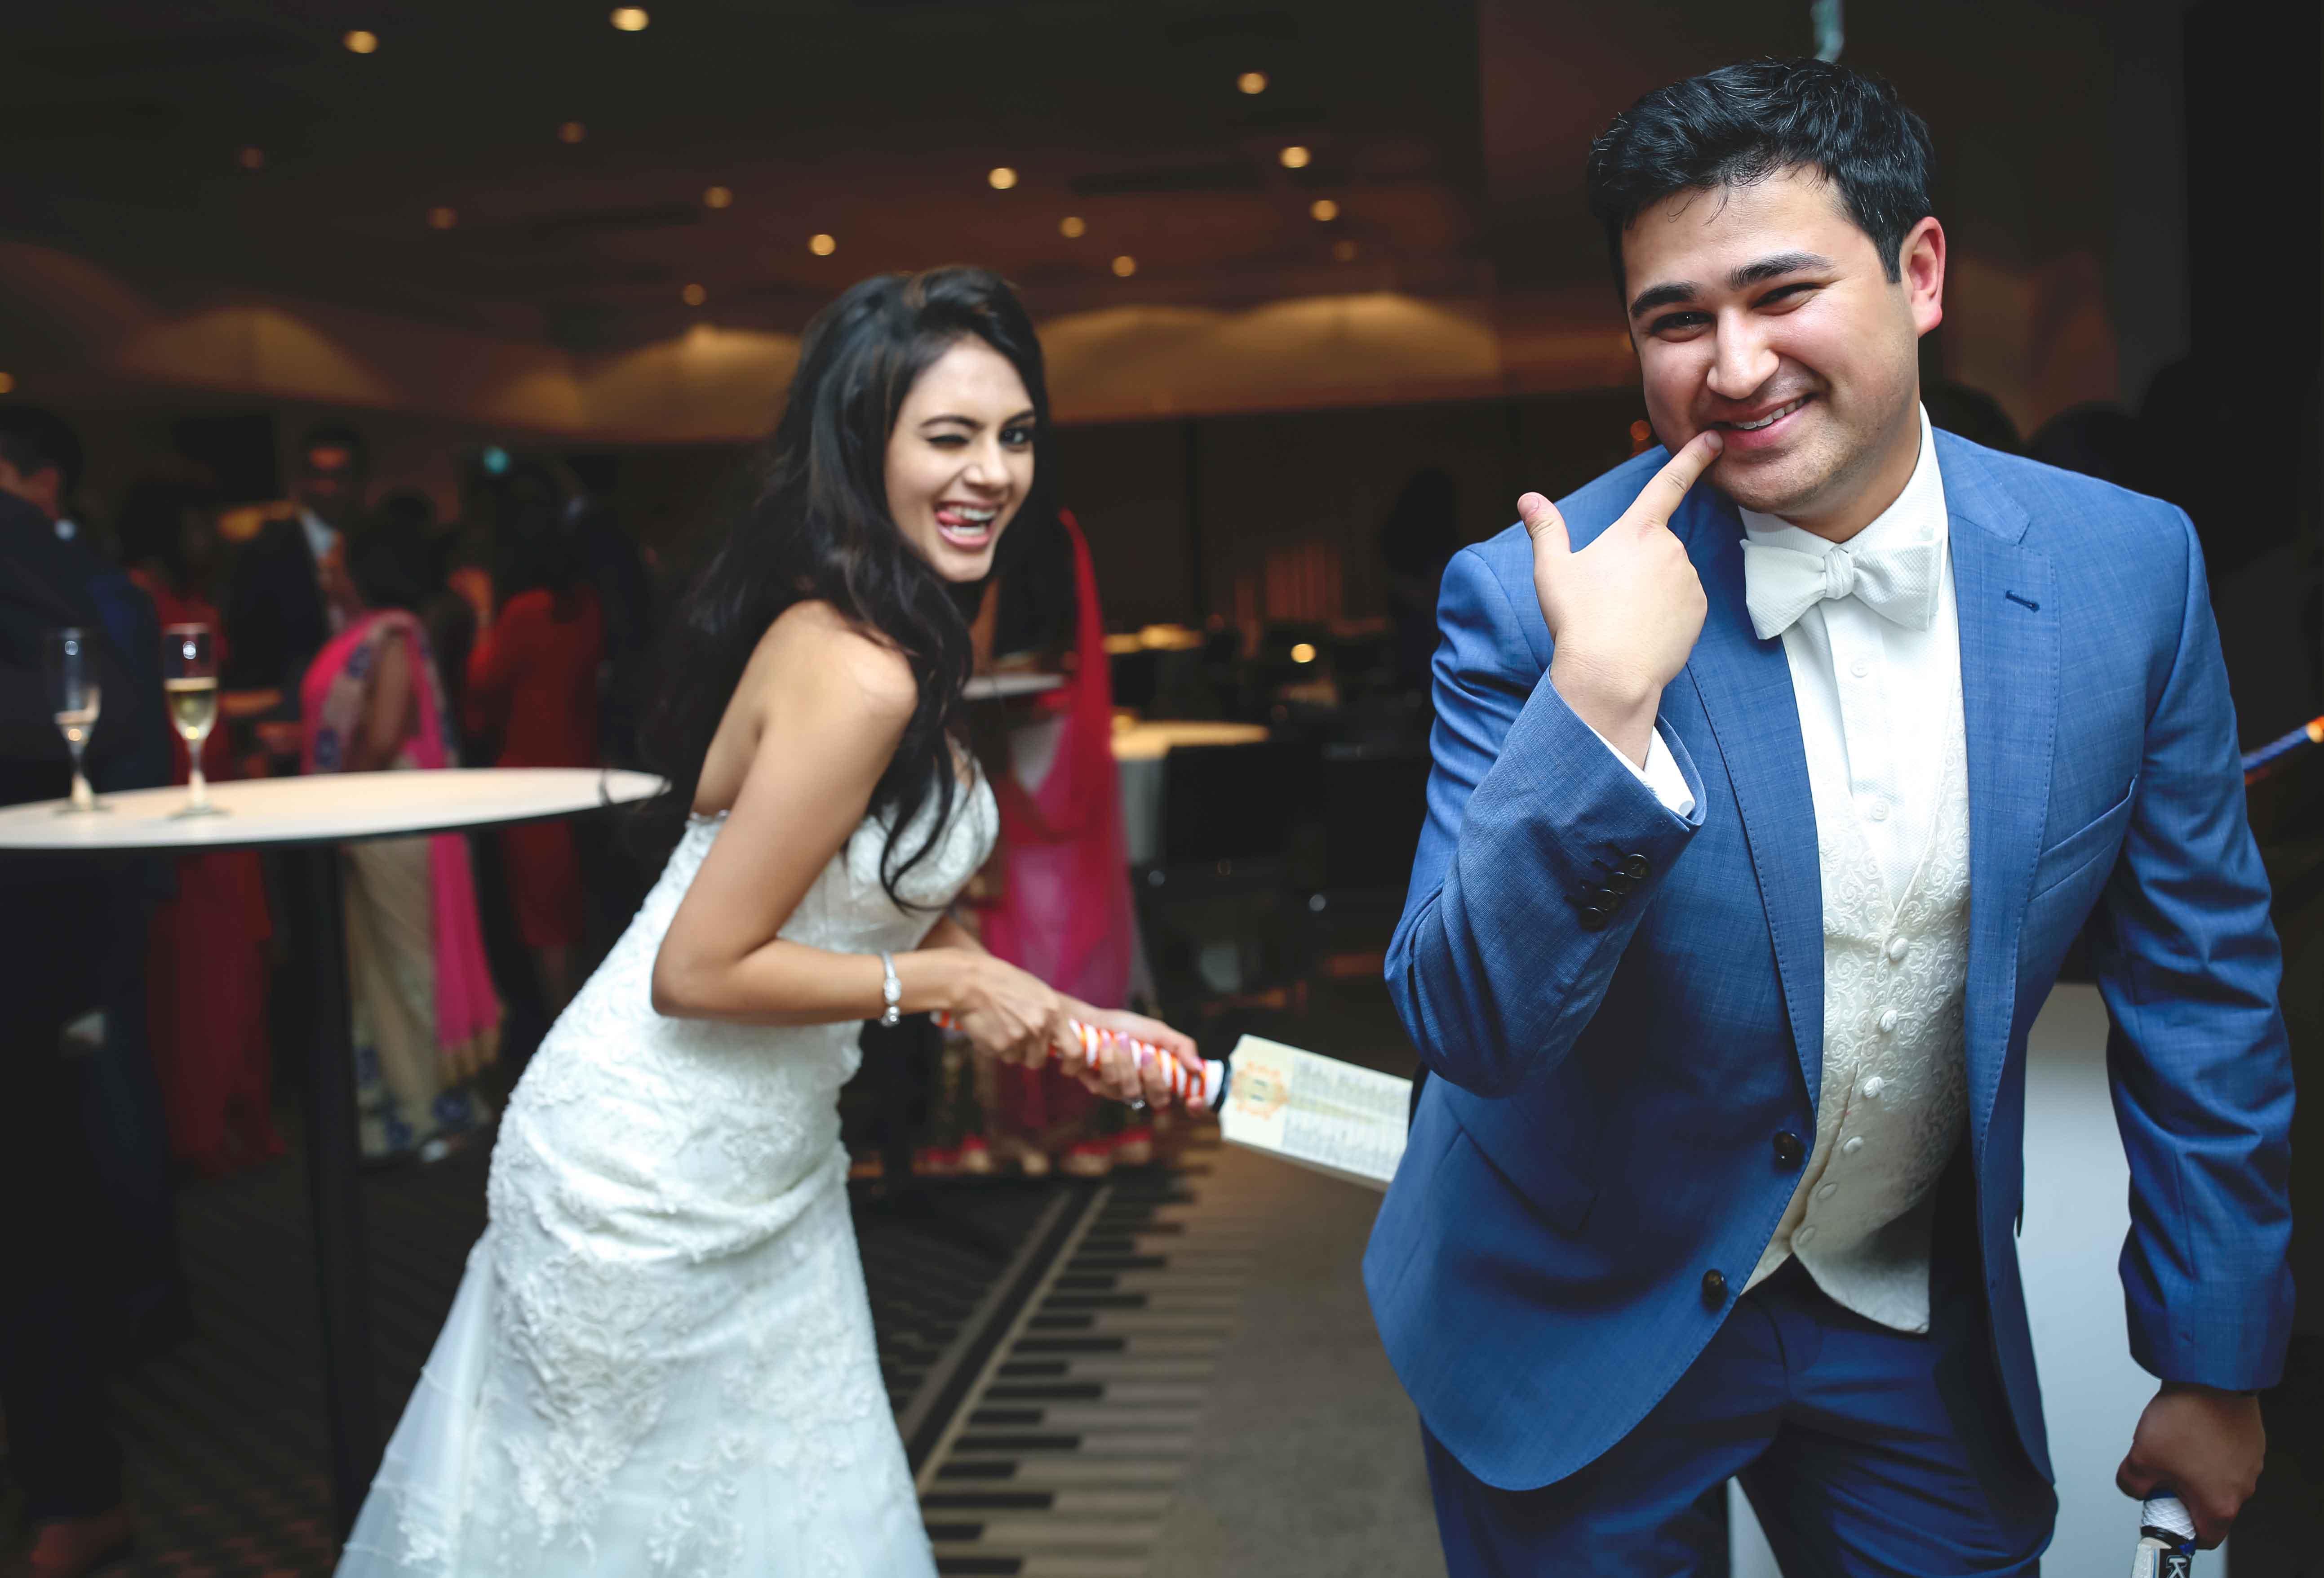 Wedding Photography, Wedding Photographer, Jodi Clickers, Jodi Clickers WEdding PHotography, Wedding Moments, Wedding Fun